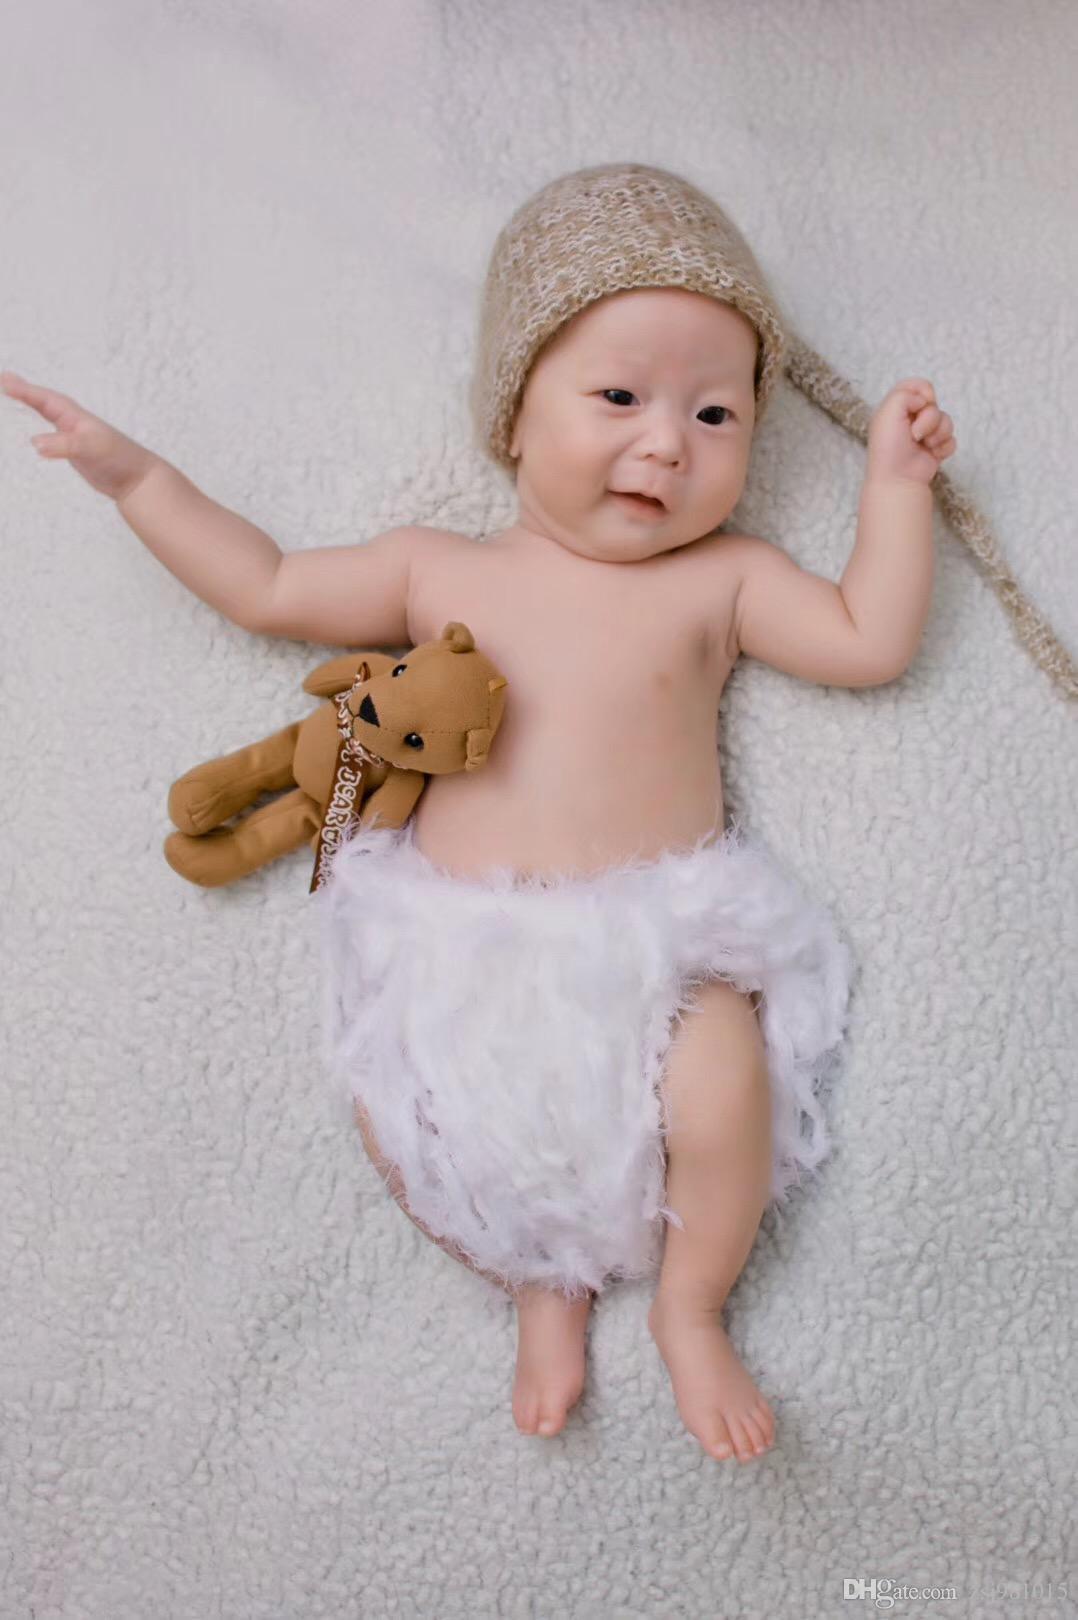 Compre Caqui Encantador Puro Lino Moda Bebé Sombrero Cálido Otoño E Invierno  0 3 Meses Bebés Y Niñas Recién Nacidos A  4.07 Del Zsj981015  1f0191eff57